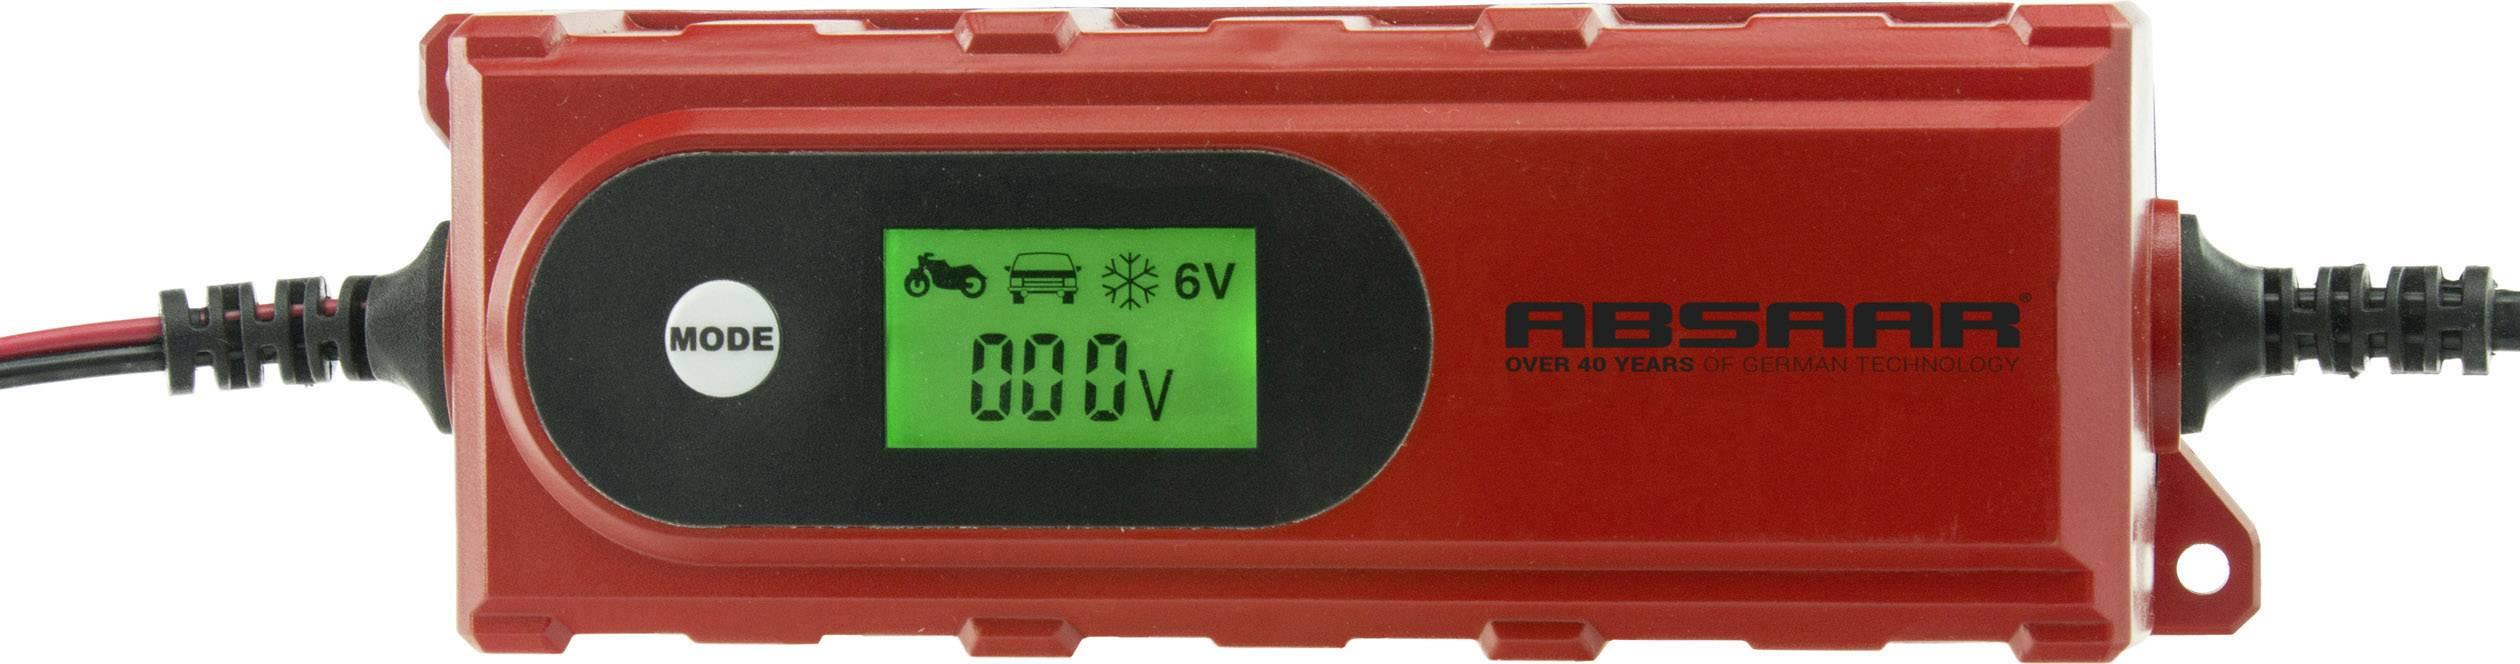 Nabíječka autobaterie Absaar 158005, 12 V, 6 V, 2 A, 4 A